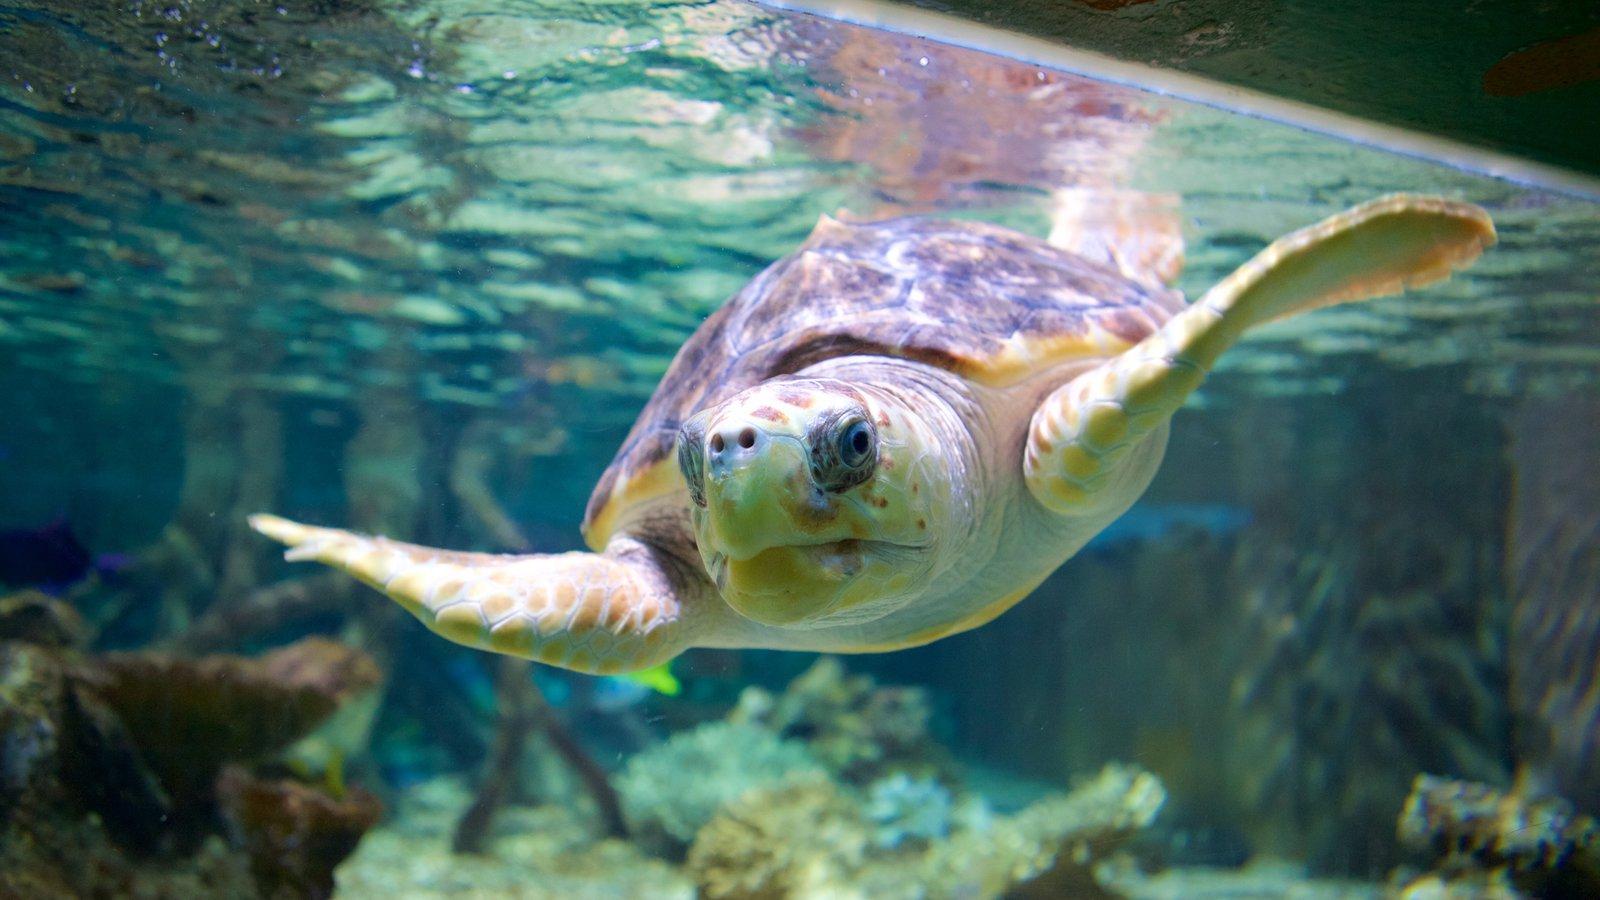 Oceanarium showing marine life